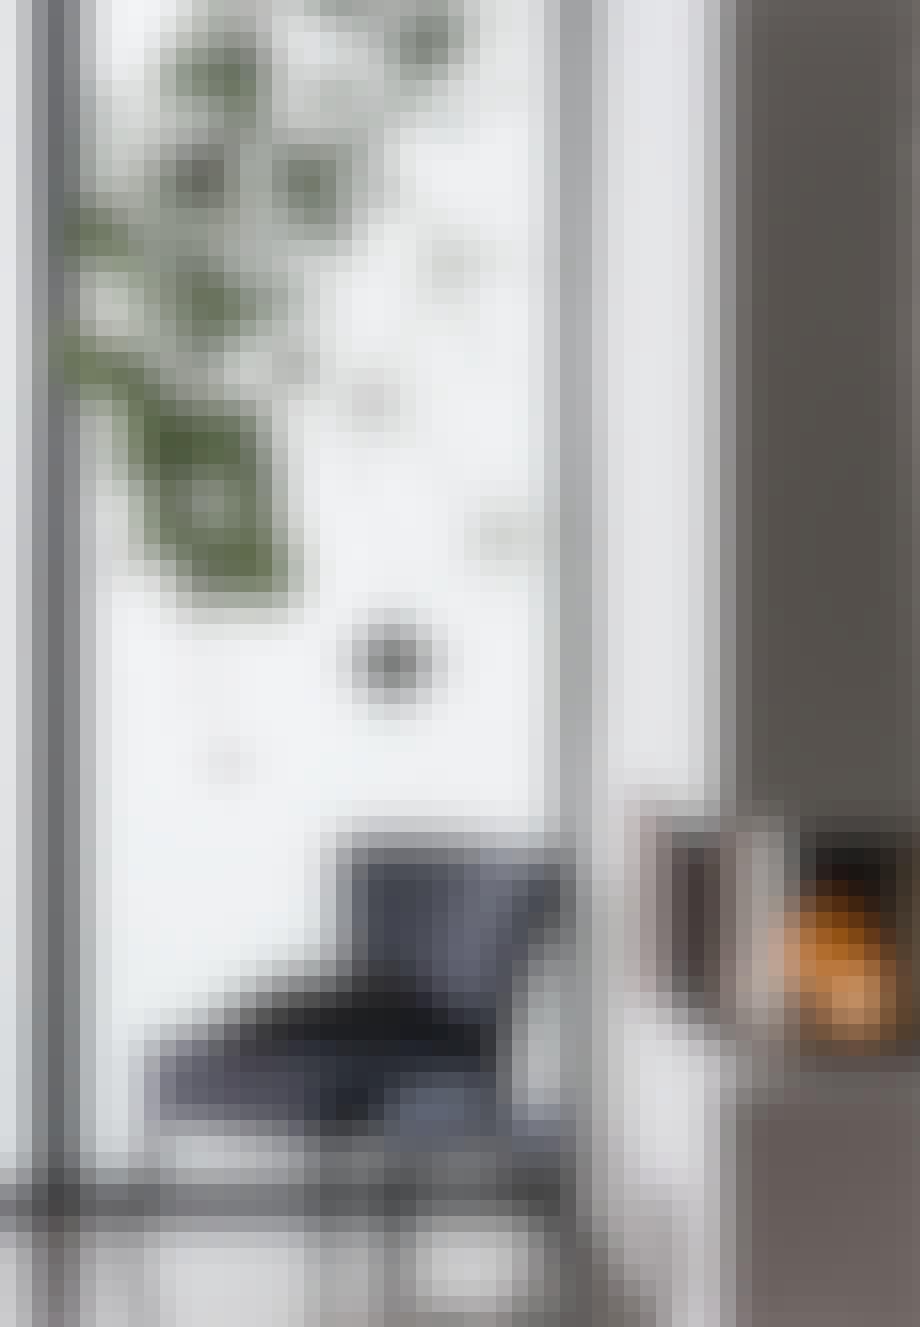 En dekorativ gren